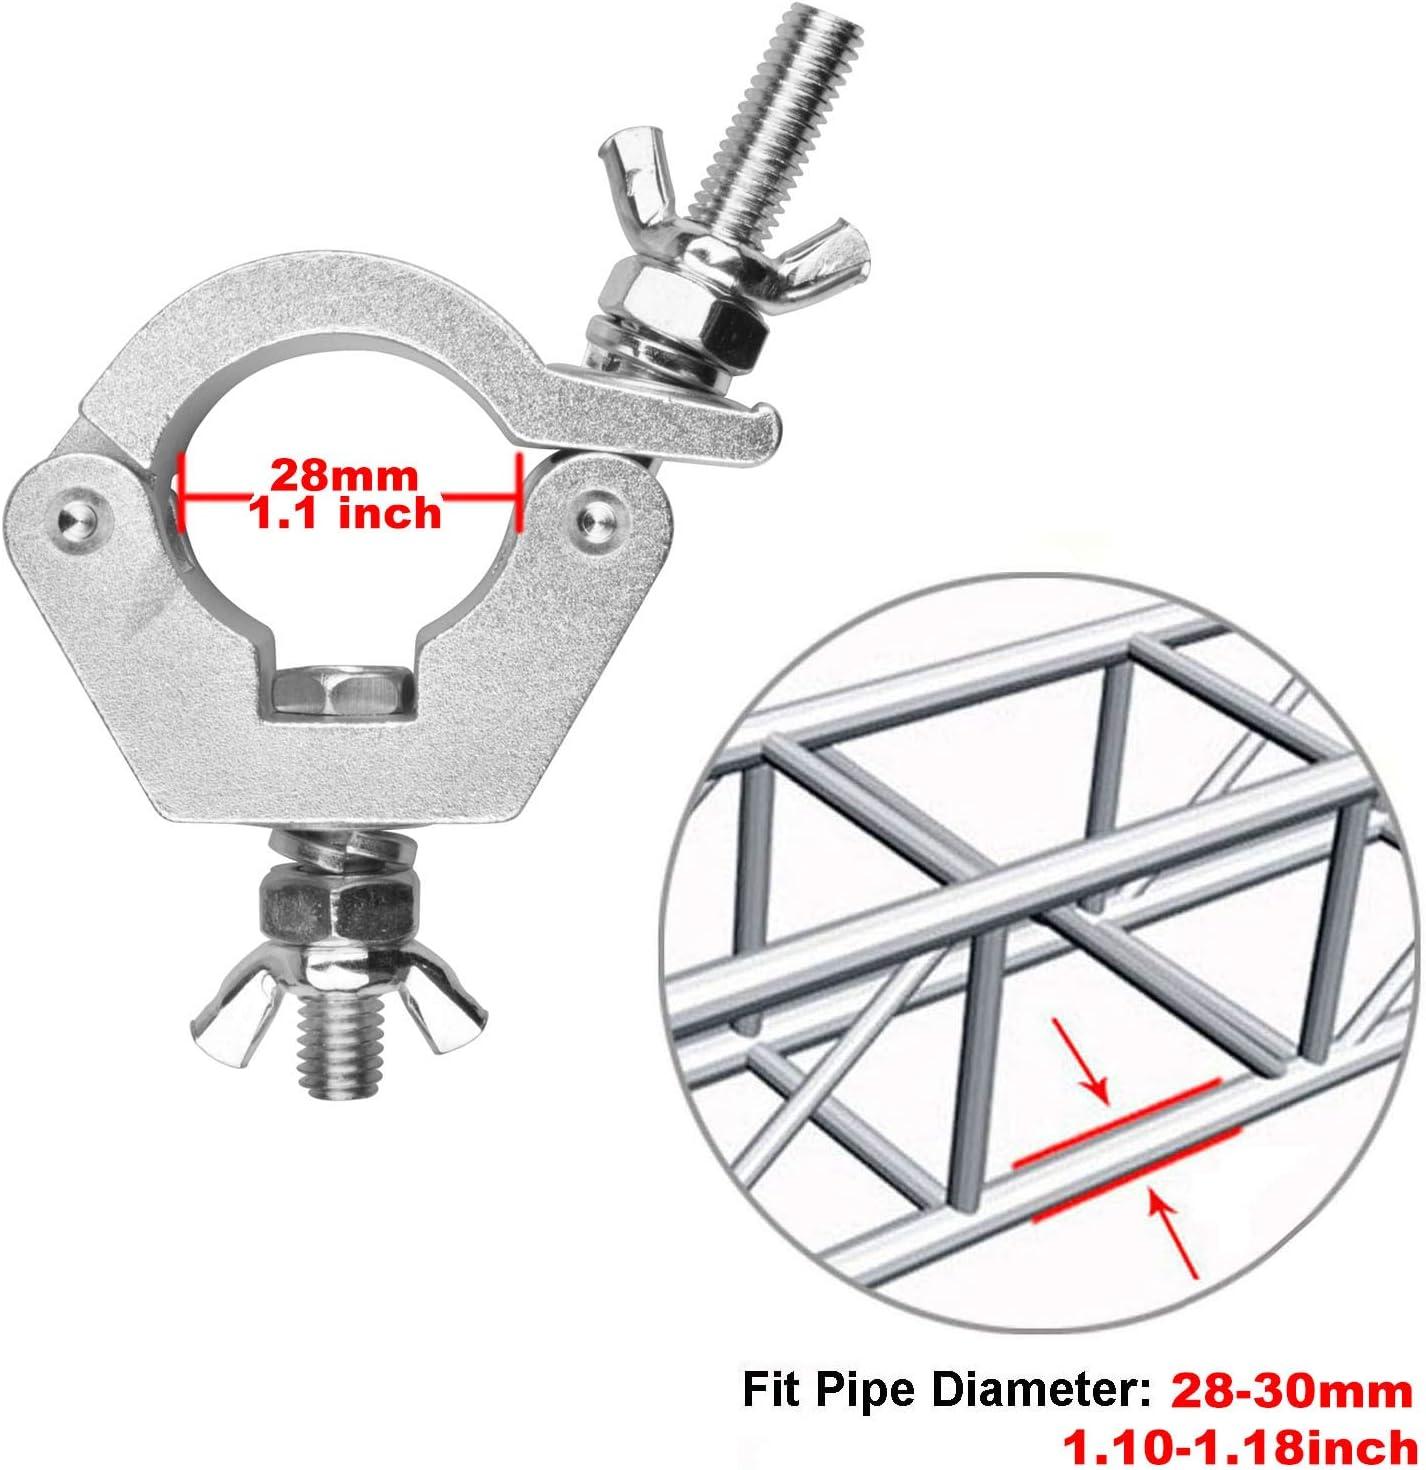 Paquete de 10 abrazaderas de aluminio 6061 con gancho de luz 40 mm para truss di/ámetro de tubo: 38